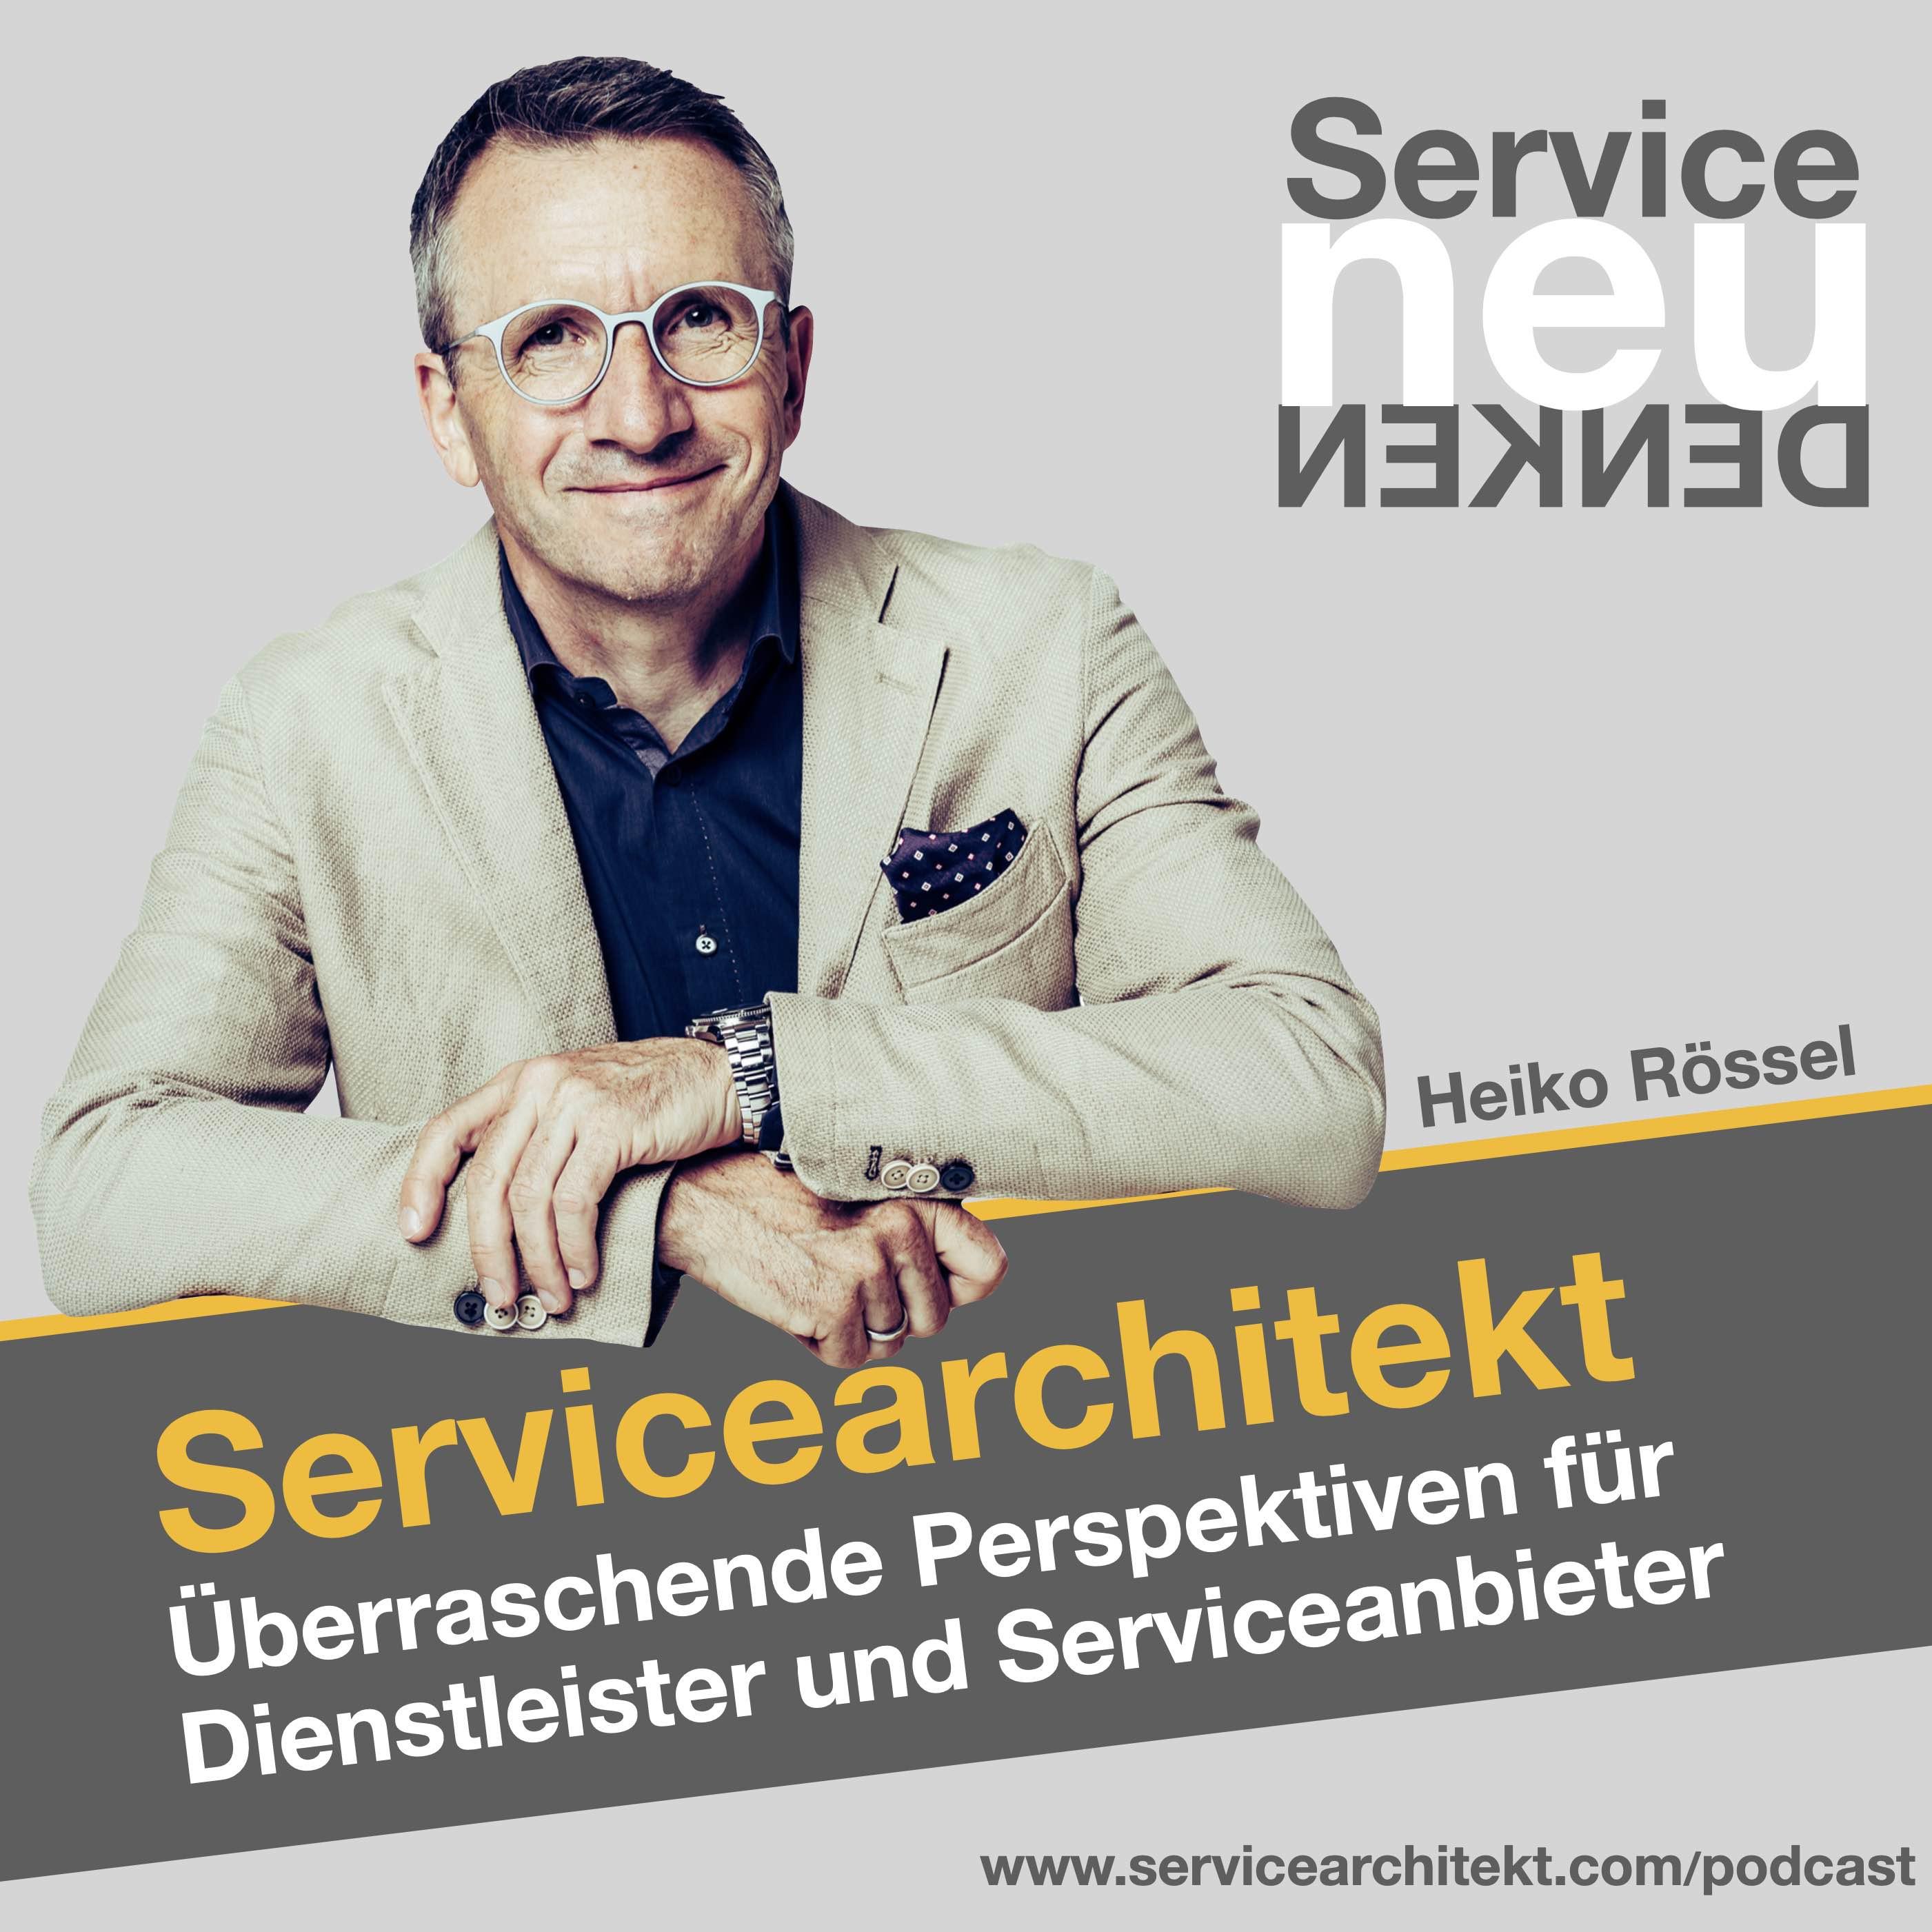 Servicearchitekt - der Weg zum perfekten Dienstleistungsangebot